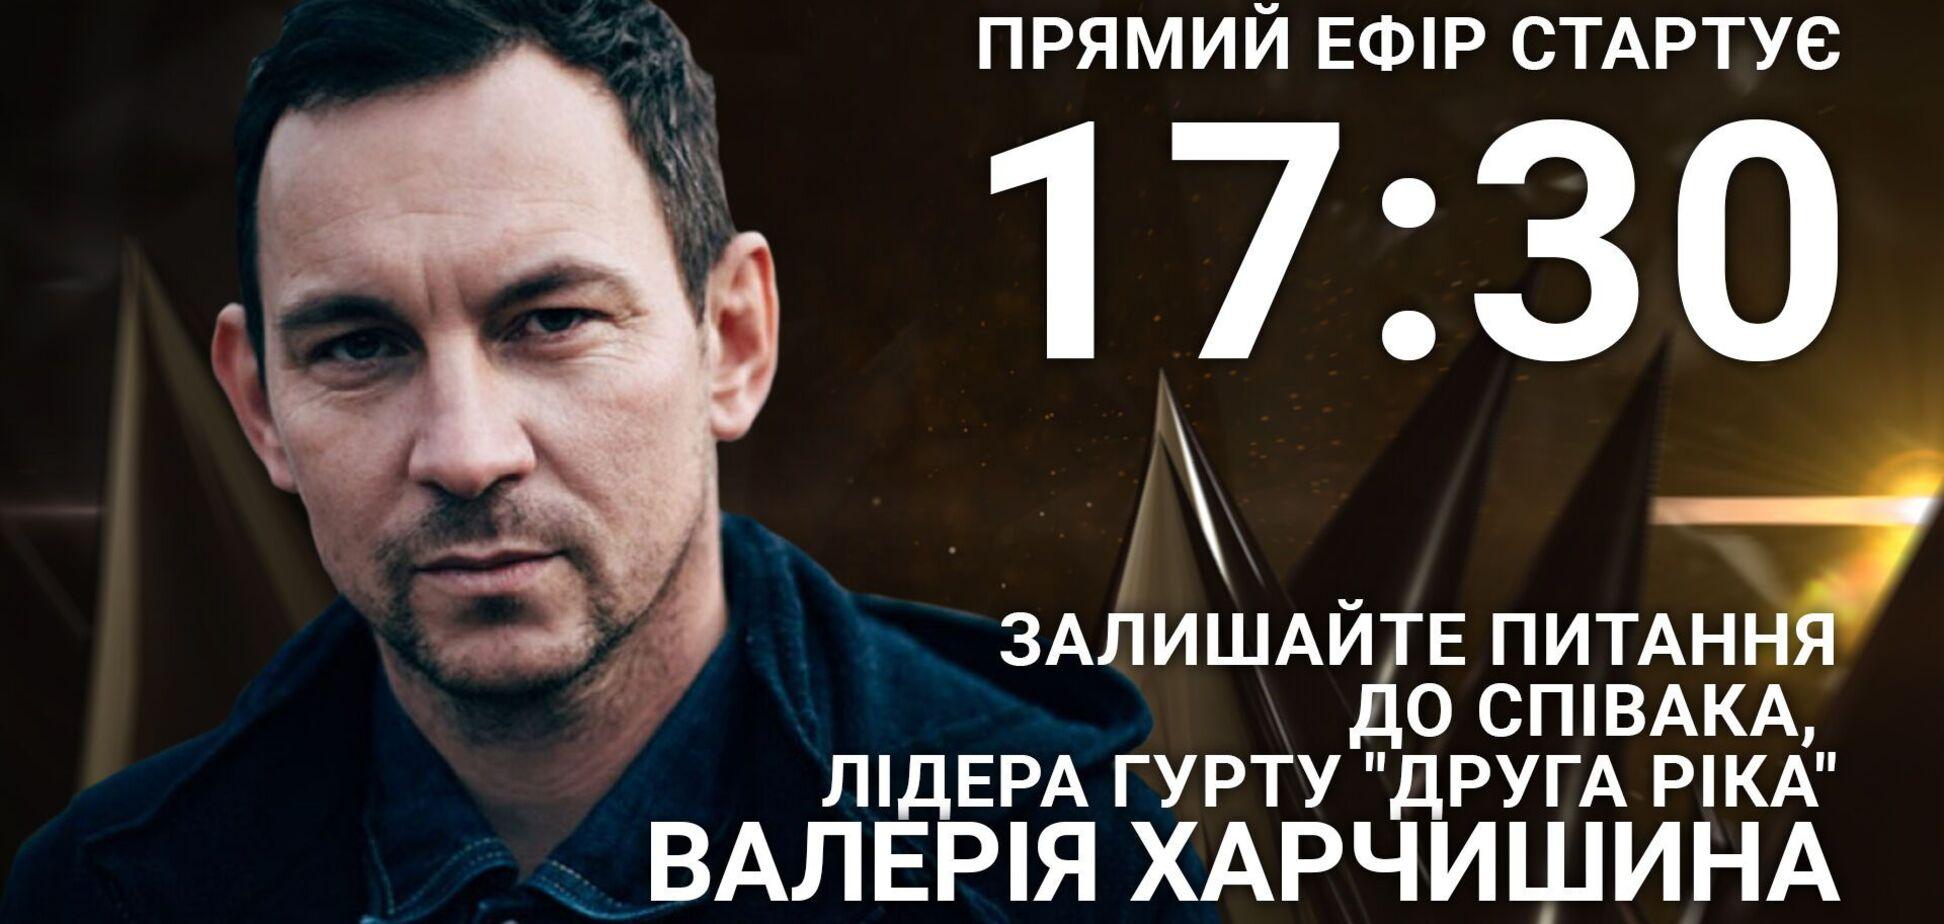 Валерій Харчишин: поставте співаку гостре питання